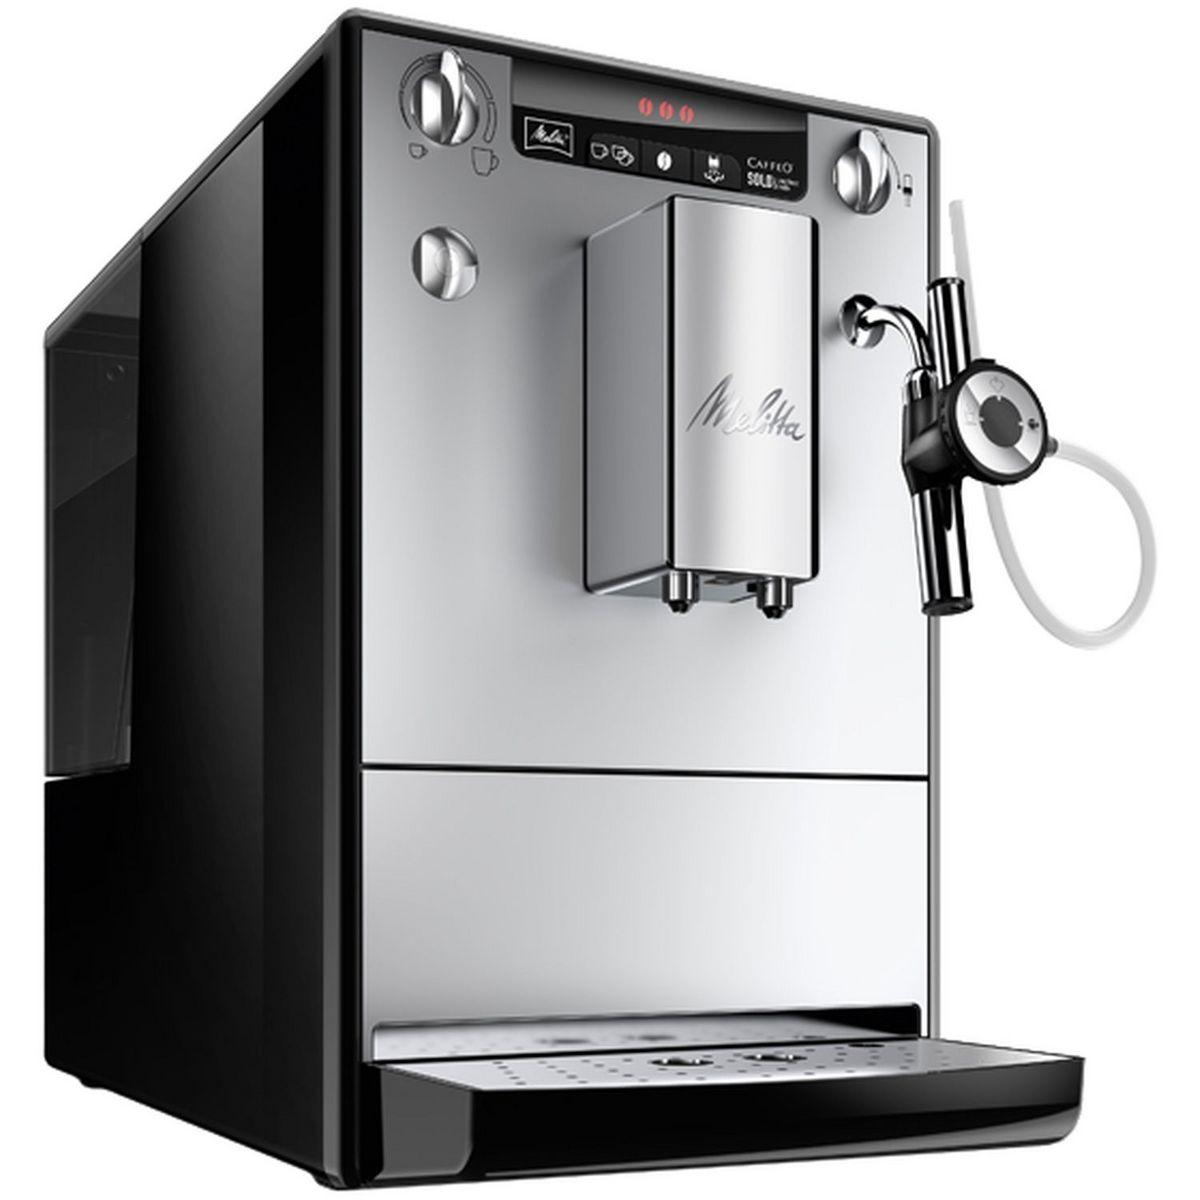 Espresso broyeur - E957-103